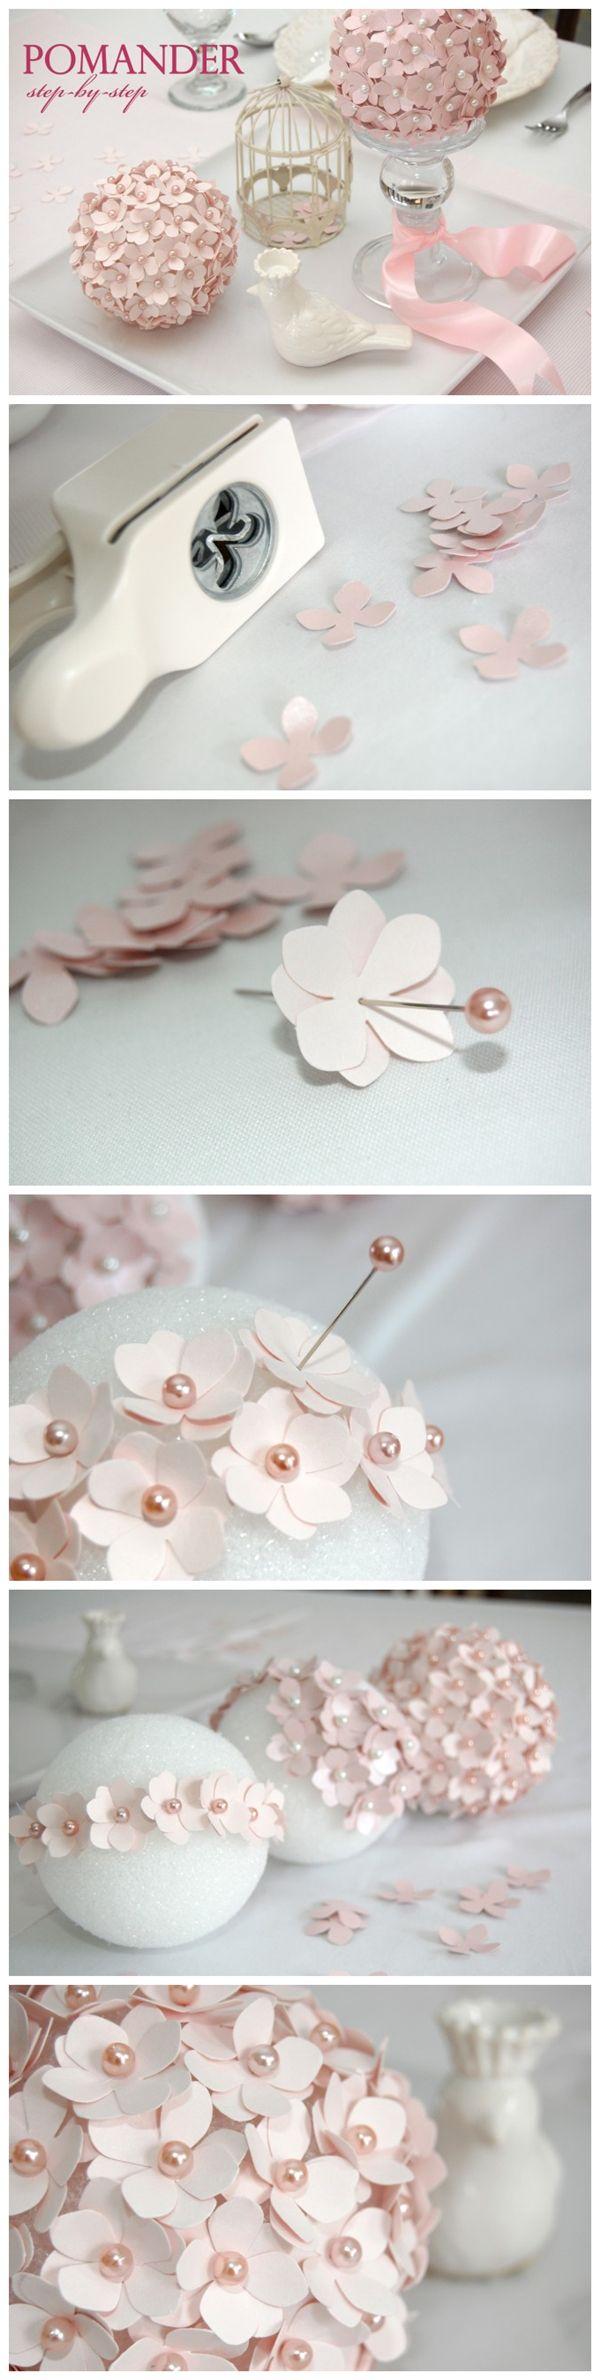 Make #Pomander #Flower Ball #Tutorial